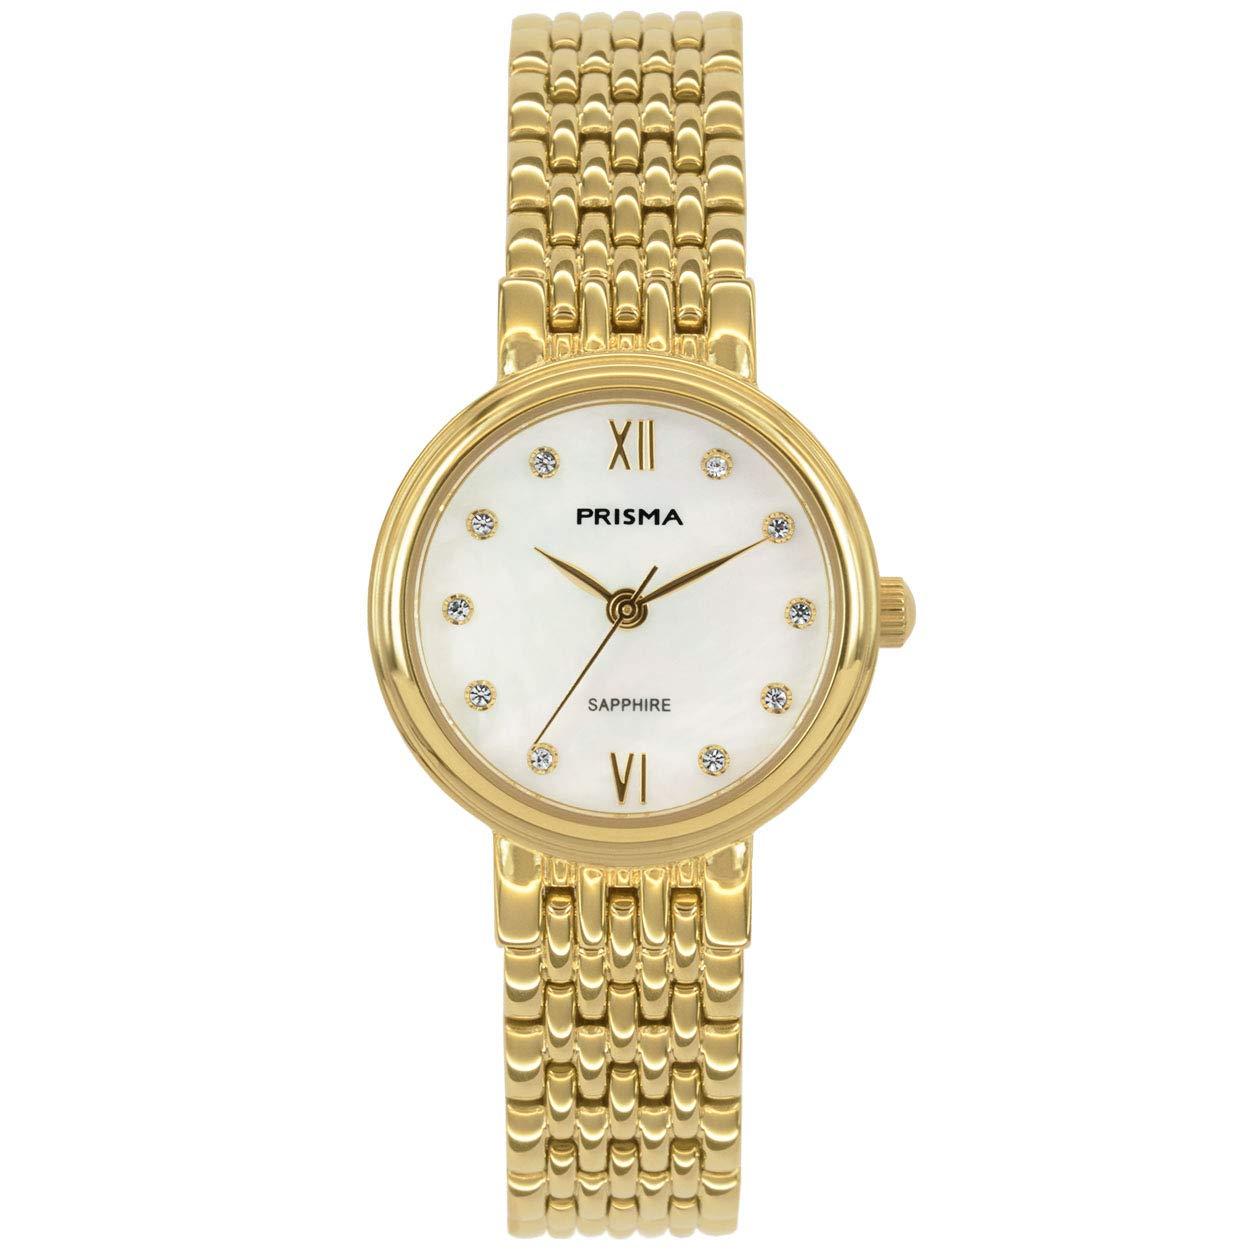 Mit Prisma Damen Pearl P Edelstahl Uhr Gold Perlmutt Datum Quarz Und 8nwvmy0ON